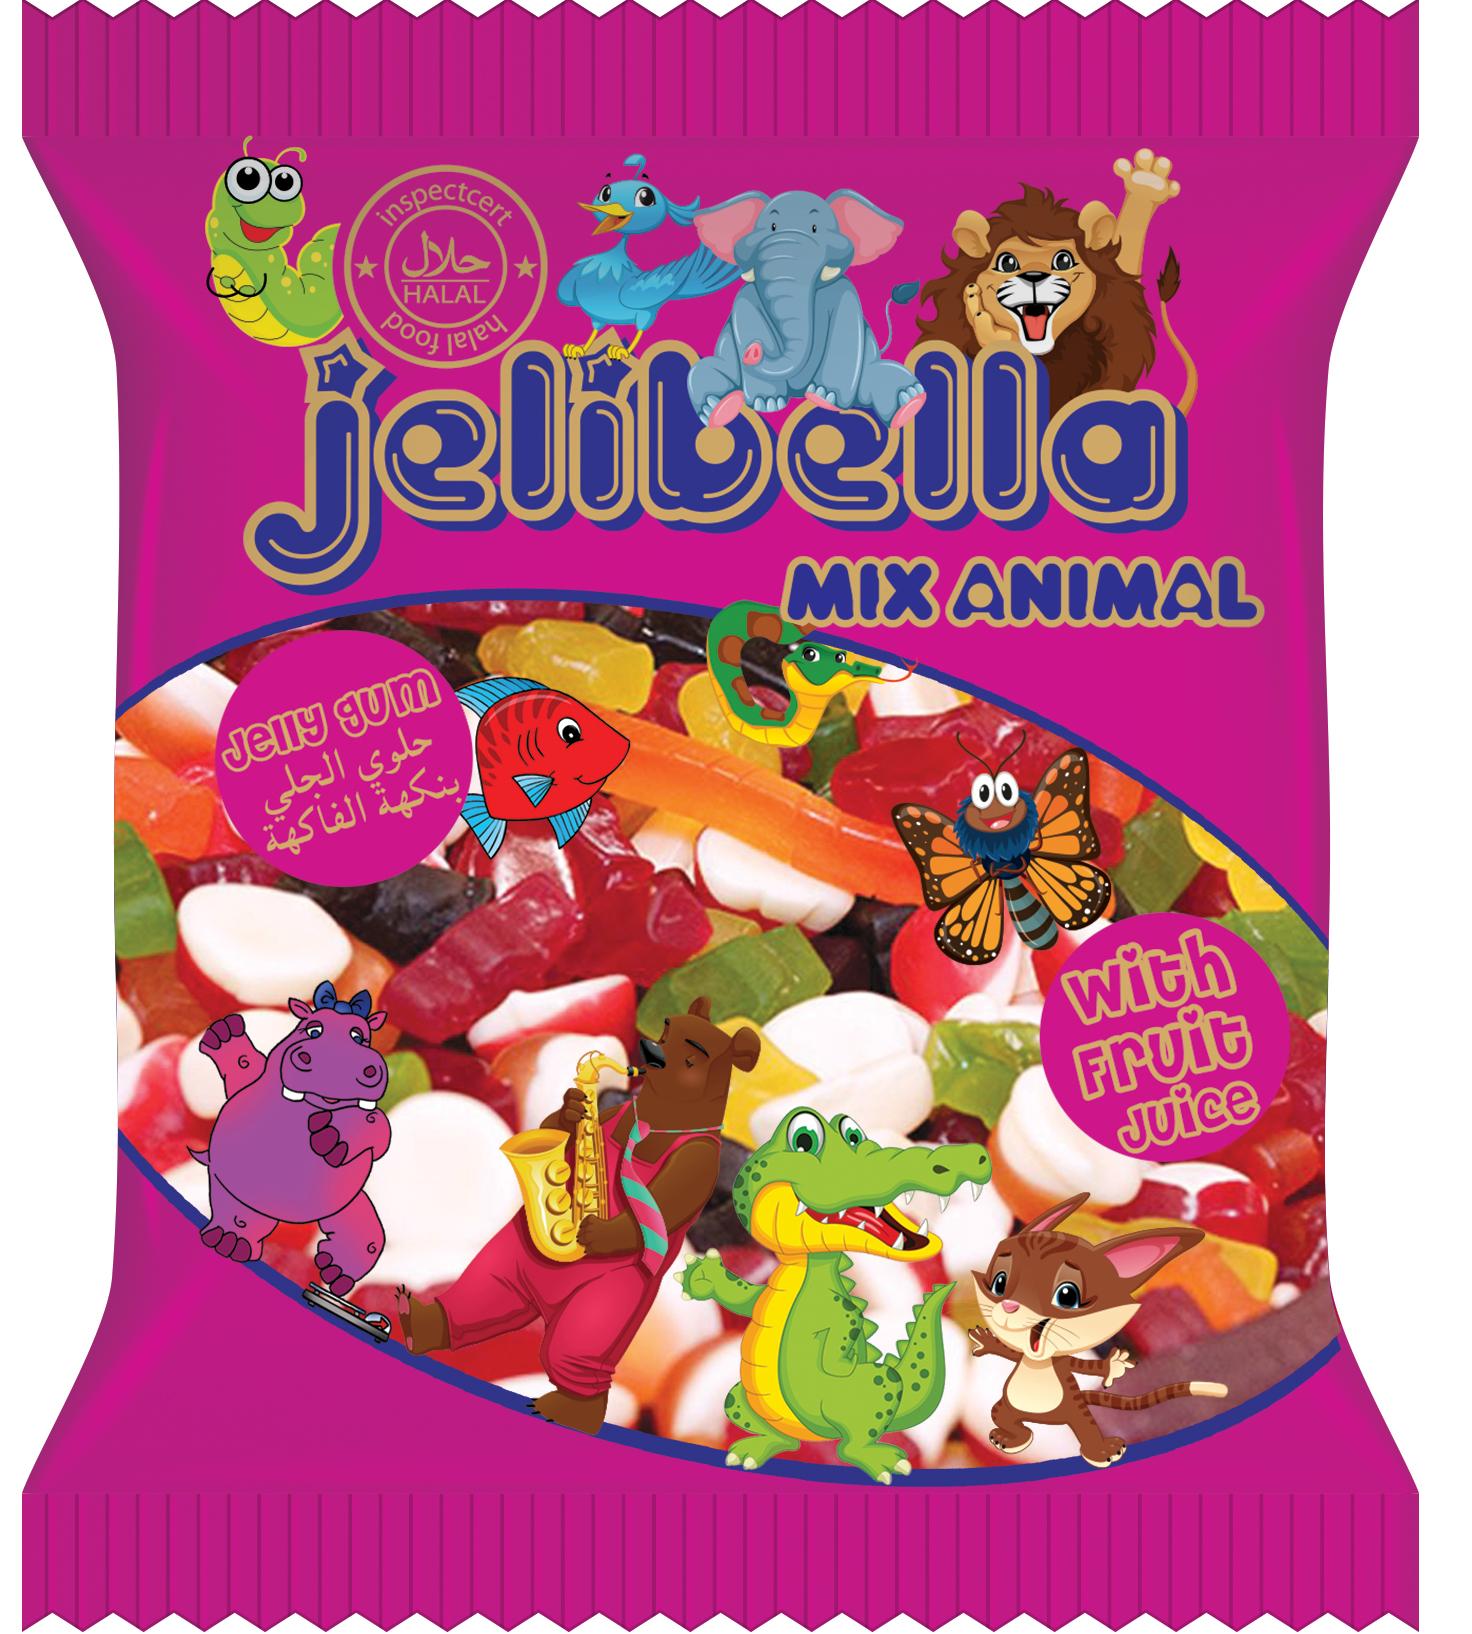 Jelibella